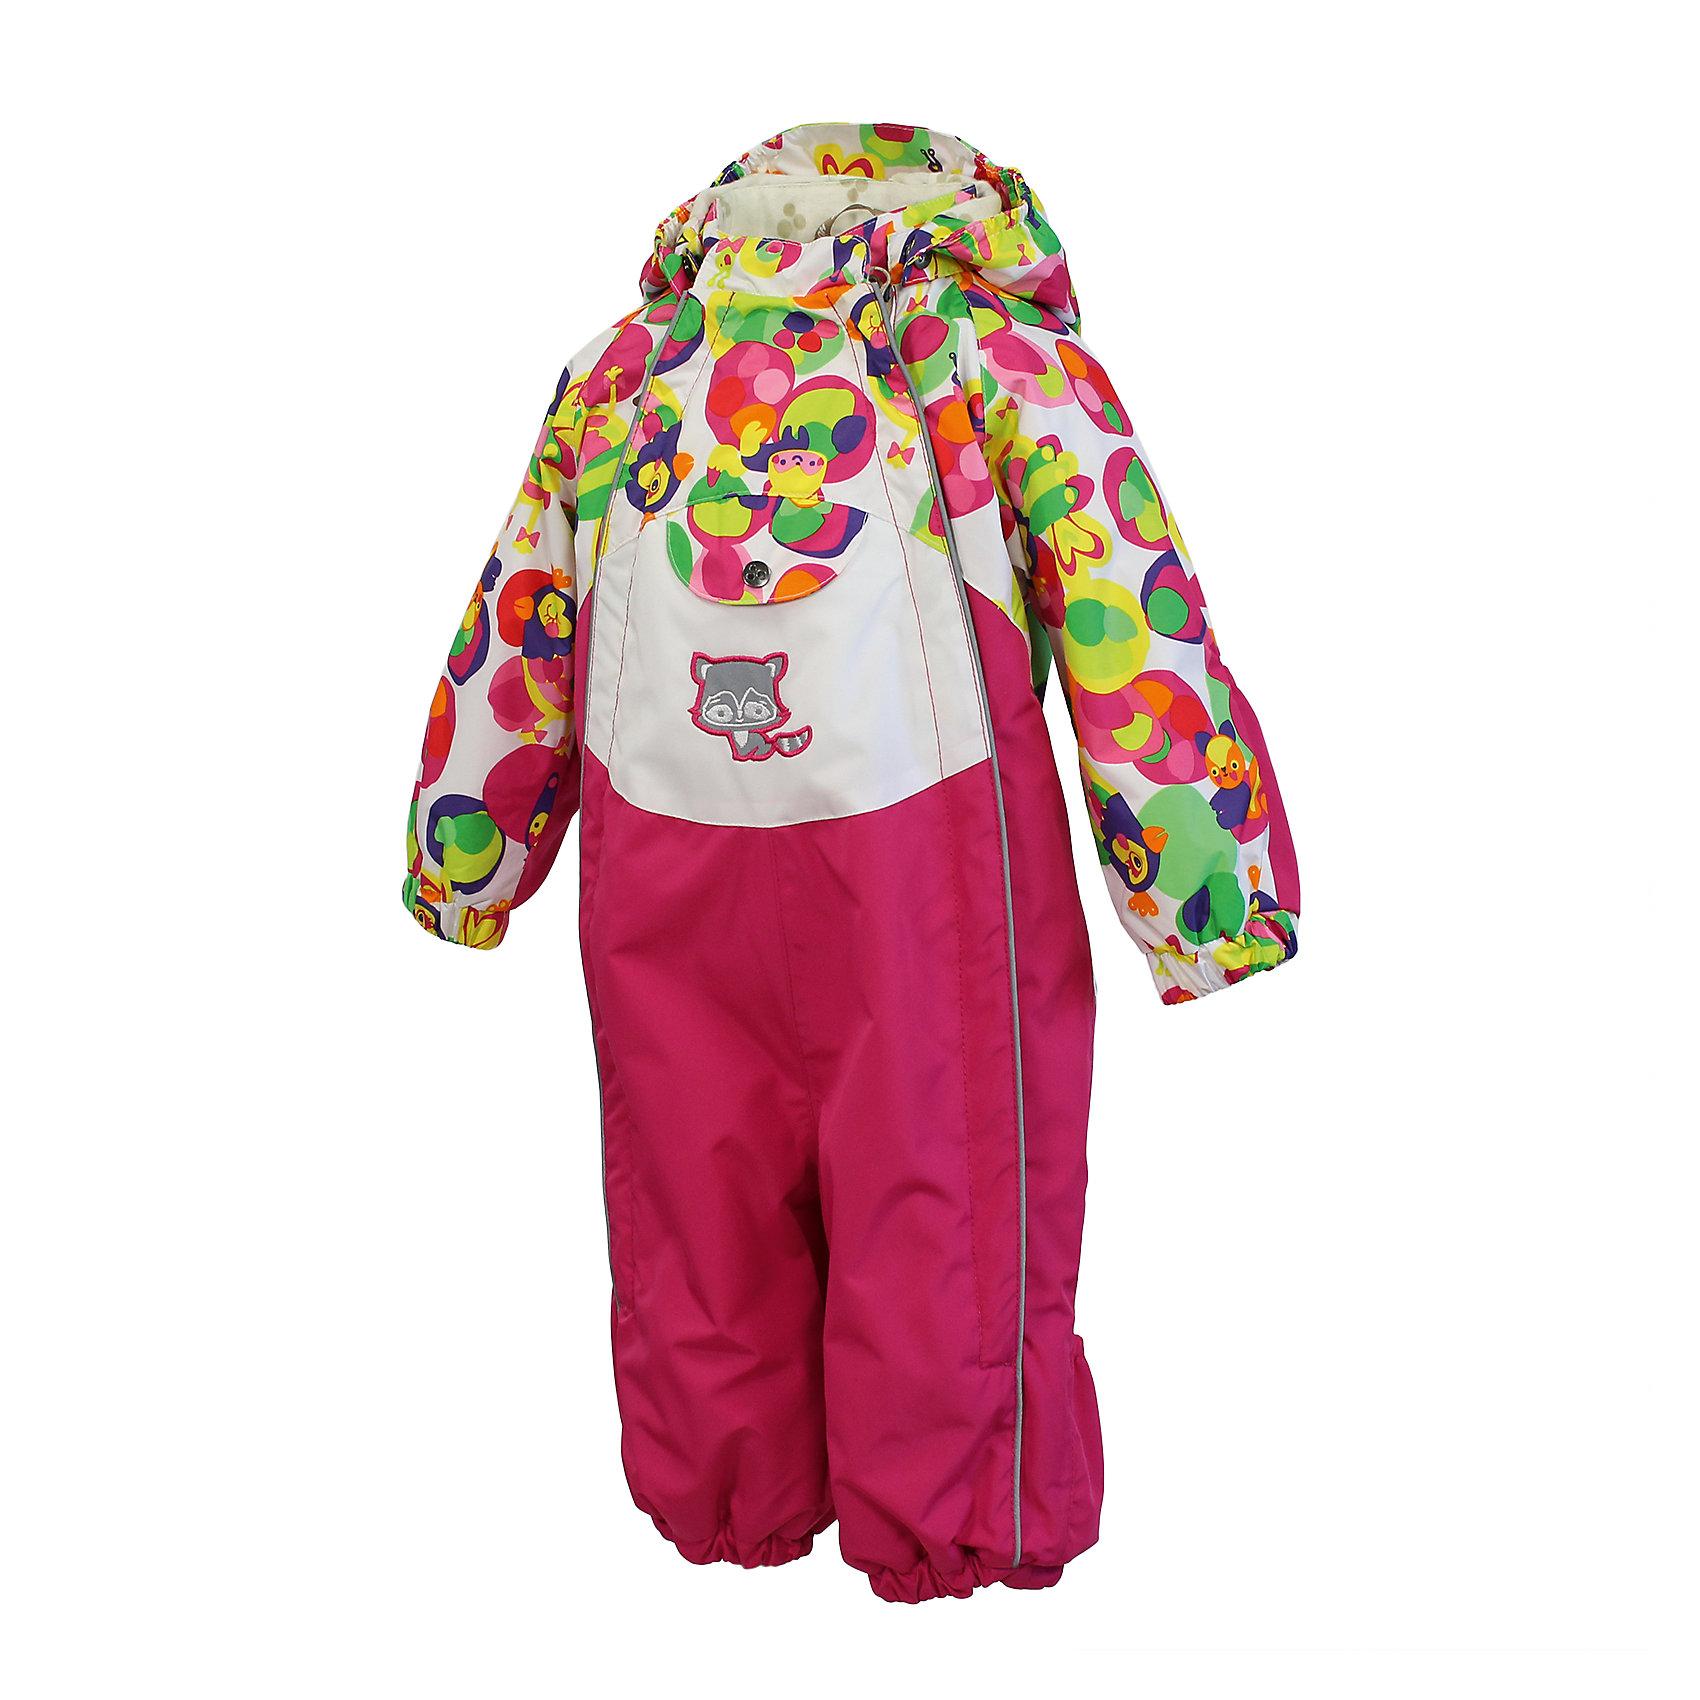 Комбинезон для девочки HuppaВерхняя одежда<br>HuppaTherm 40 грамм<br>Высокотехнологичный лёгкий синтетический утеплитель нового поколения, сохраняет объём и высокую теплоизоляцию изделия, а также легко стирается и быстро сохнет.<br><br>Влагоустойчивая и дышащая ткань 10 000/ 10 000<br>Мембрана препятствует прохождению воды и ветра сквозь ткань внутрь изделия, позволяя испаряться выделяемой телом, образовывающейся внутри влаге.<br><br>Влагоустойчивая и дышащая ткань 5000/ 5000<br>Мембрана препятствует прохождению воды и ветра сквозь ткань внутрь изделия, позволяя испаряться выделяемой телом, образовывающейся внутри влаге.<br><br>Проклеенные швы<br>Для максимальной влагонепроницаемости изделия, важнейшие швы проклеены водостойкой лентой.<br><br>Прочная ткань<br>Сплетения волокон в тканях выполнены по специальной технологии, которая придаёт ткани прочность и предохранят от истирания.<br><br>Светоотражательные детали<br>При плохих погодных условиях или в темноте, когда свет падает на одежду, он отражается, делая ребёнка более заметным, уменьшая возможность несчастных случаев.<br><br>Дополнительная информация:<br><br>Температурный режим: от 0 до +10 С<br>Комбинезон с двумя молниями<br>Ткань: 100% полиэстер<br>Подкладка: фланель - 100% хлопок<br>Утеплитель: 100% полиэстер 40г.<br>Шаговый шов, боковые швы проклеены<br>Манжеты с отворотом у размеров 68-80<br><br>Комбинезон для девочки Huppa можно купить в нашем магазине.<br><br>Ширина мм: 356<br>Глубина мм: 10<br>Высота мм: 245<br>Вес г: 519<br>Цвет: розовый<br>Возраст от месяцев: 12<br>Возраст до месяцев: 18<br>Пол: Женский<br>Возраст: Детский<br>Размер: 74,98,86,80,92<br>SKU: 4595530